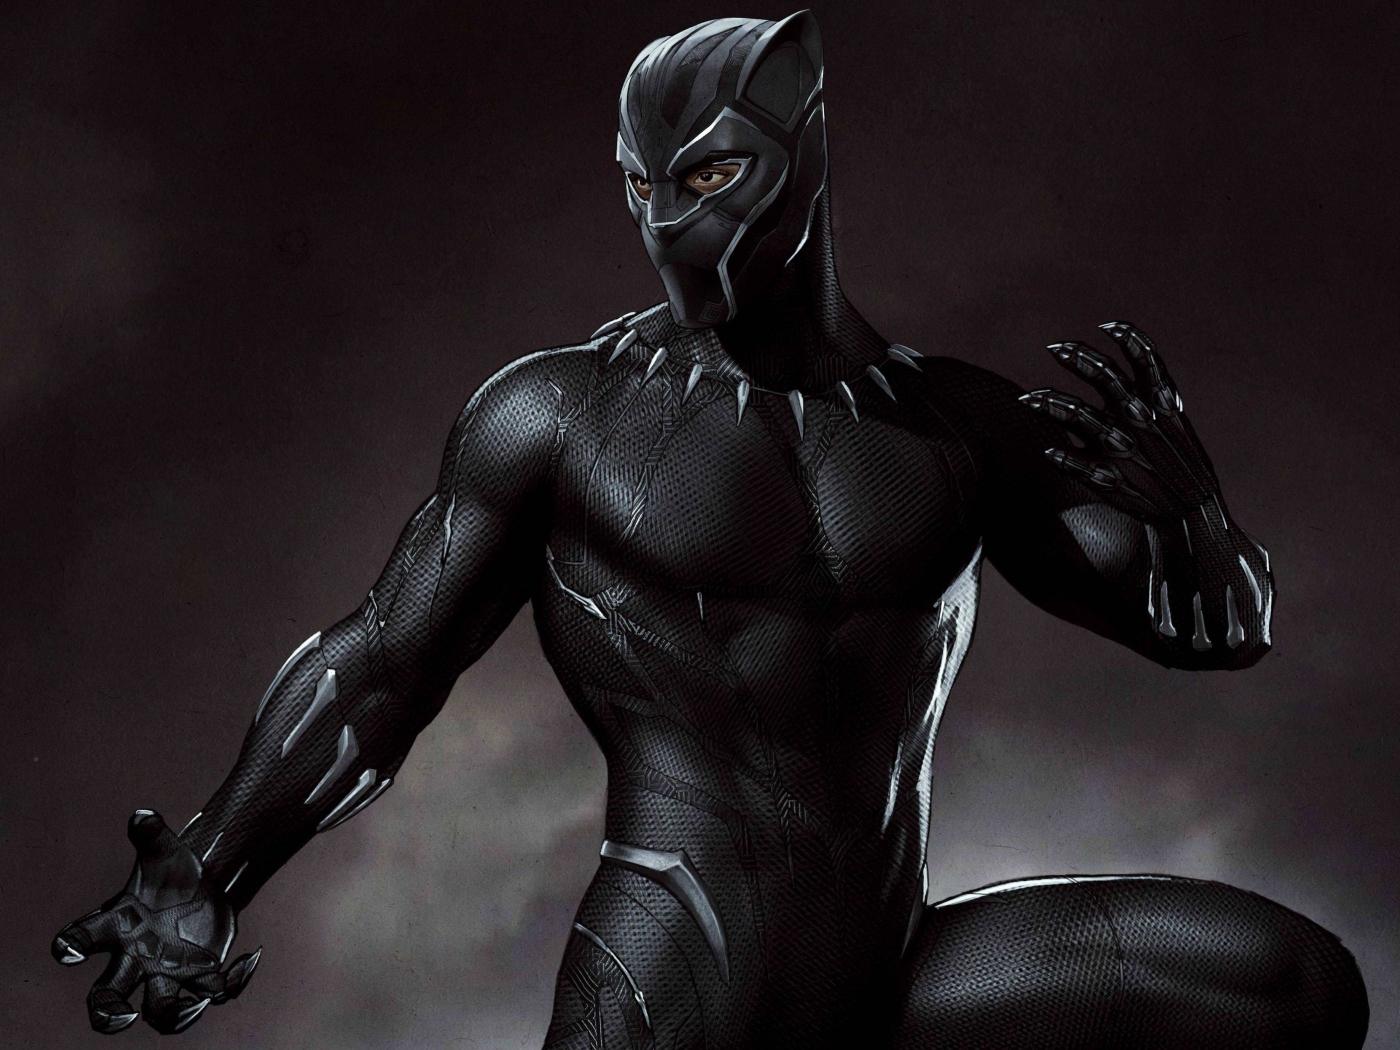 Black Panther Wallpaper Marvel: Marvel Black Panther Artwork, HD 4K Wallpaper